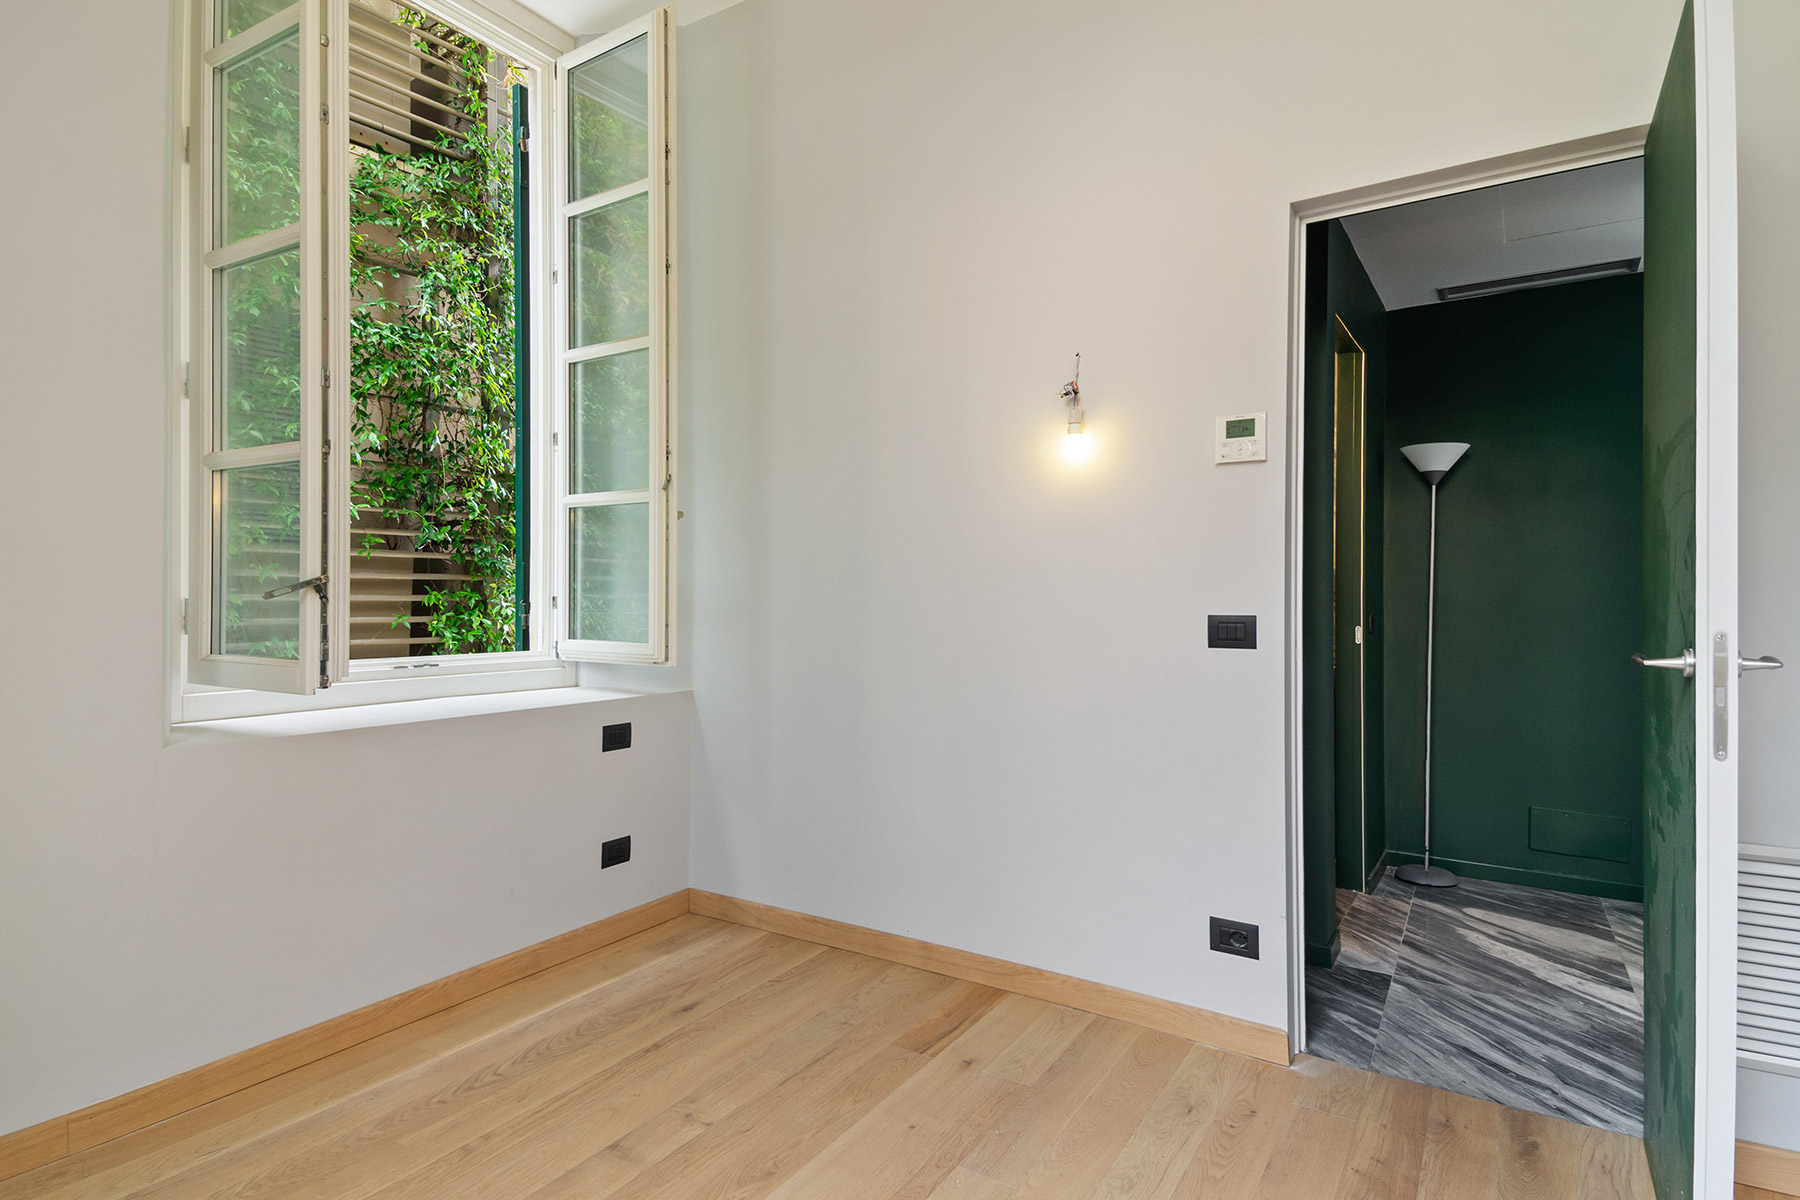 Appartamento in Vendita a Santa Margherita Ligure: 5 locali, 150 mq - Foto 22